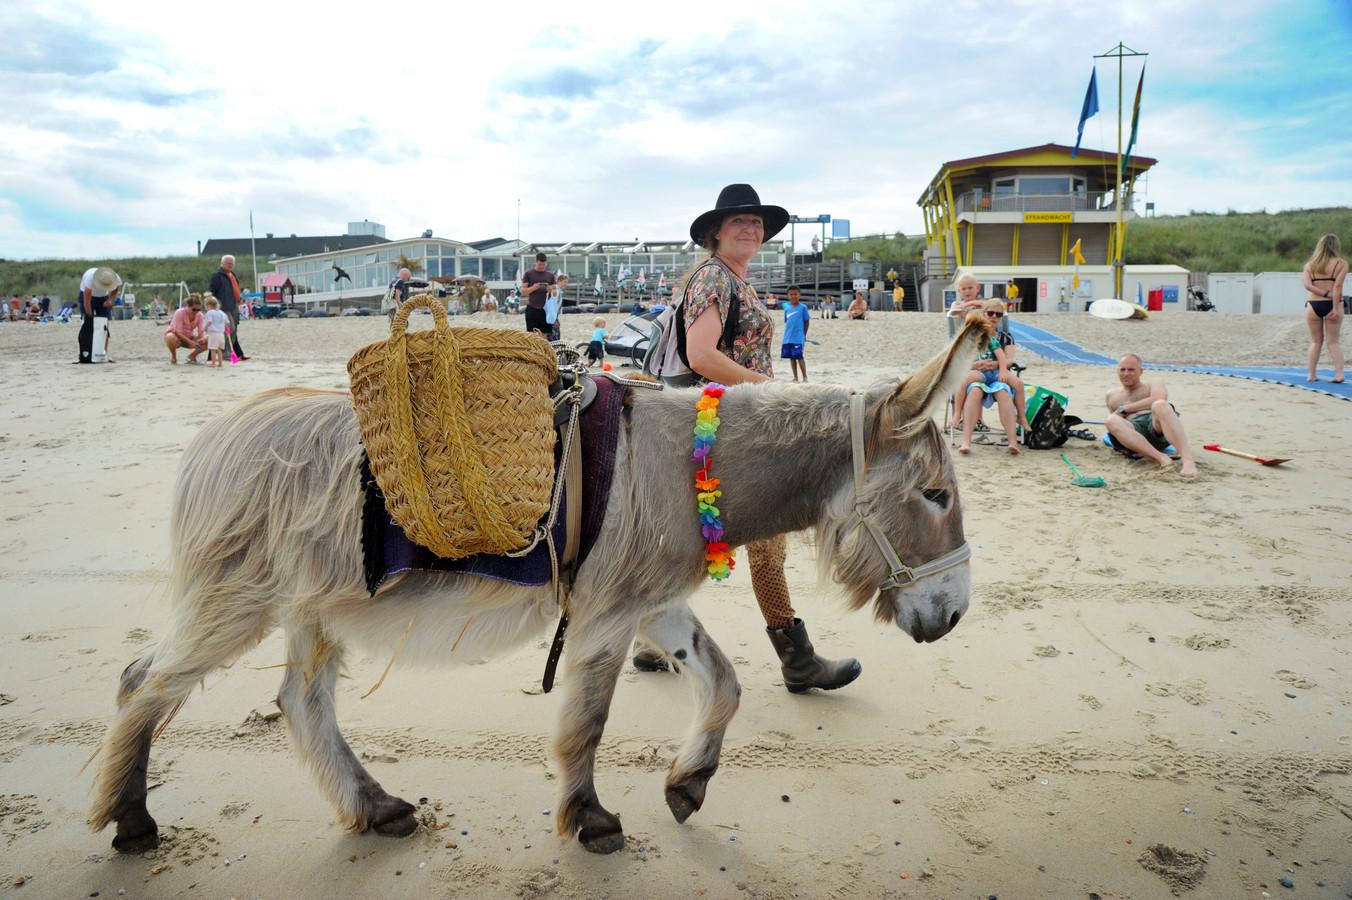 Ezeltje Boets is op het strand om rommel op te ruimen.